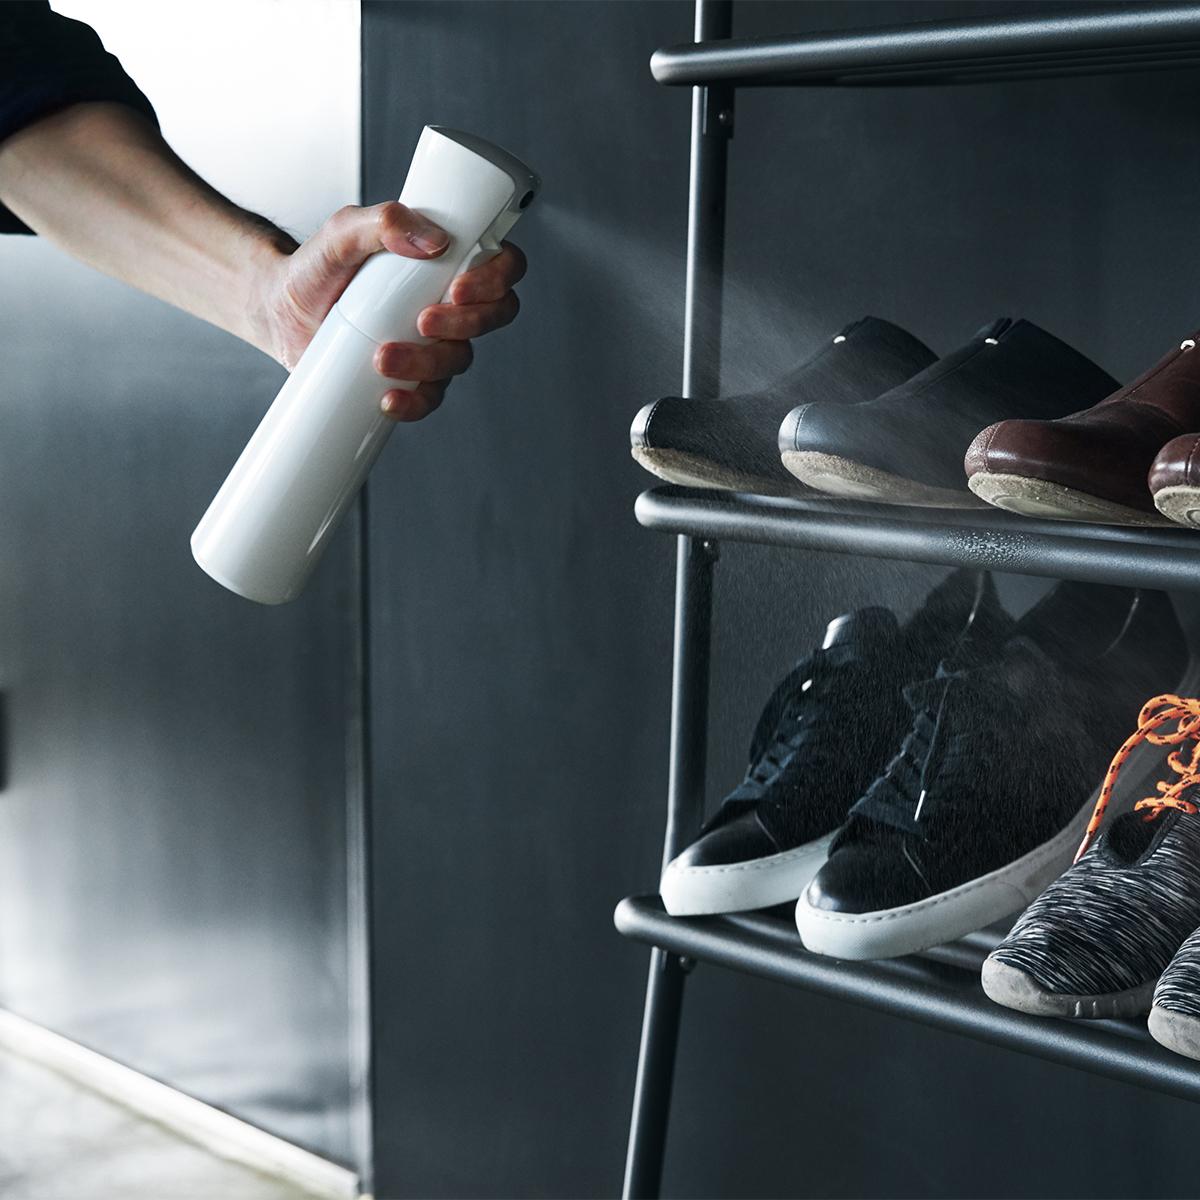 シュークローゼットの中や靴そのものにスプレーできる。プロ級の抗菌コート!強い酸化力で、菌・カビ・匂いを分解する「マイクロミストスプレー」|CELSION(セルシオン)